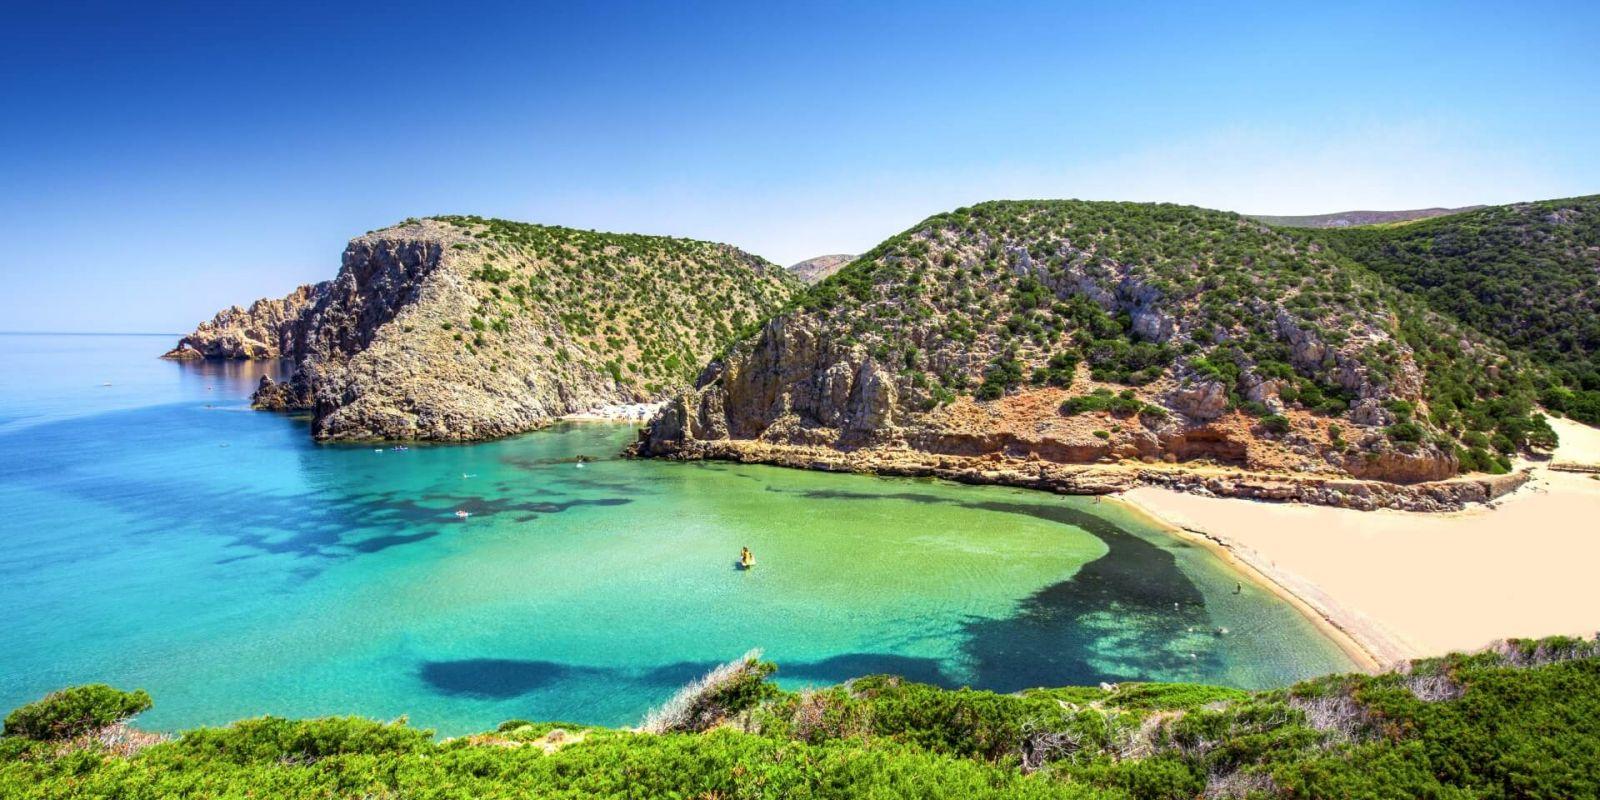 https://www.talamare.fr/medias/Panorama d'une magnifique plage de sable blanc lors d'une location de yacht en Sardaigne